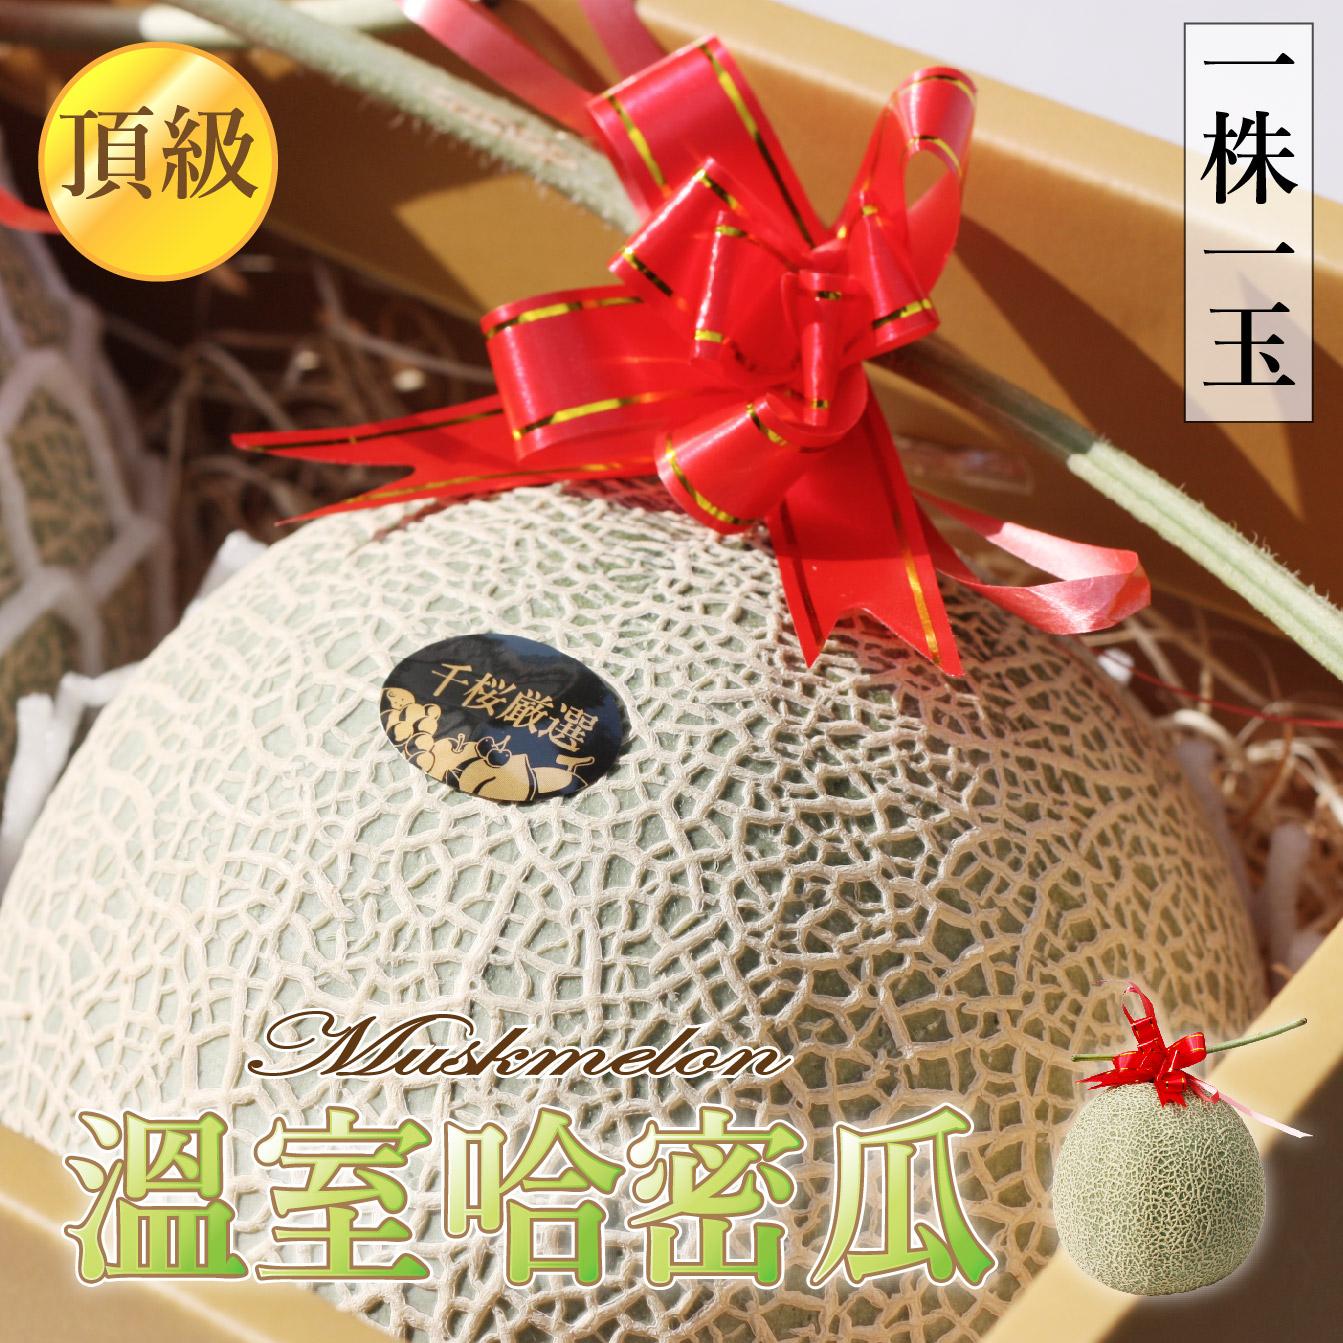 【頂級溫室🍈綠肉網紋哈密瓜】2玉禮盒裝